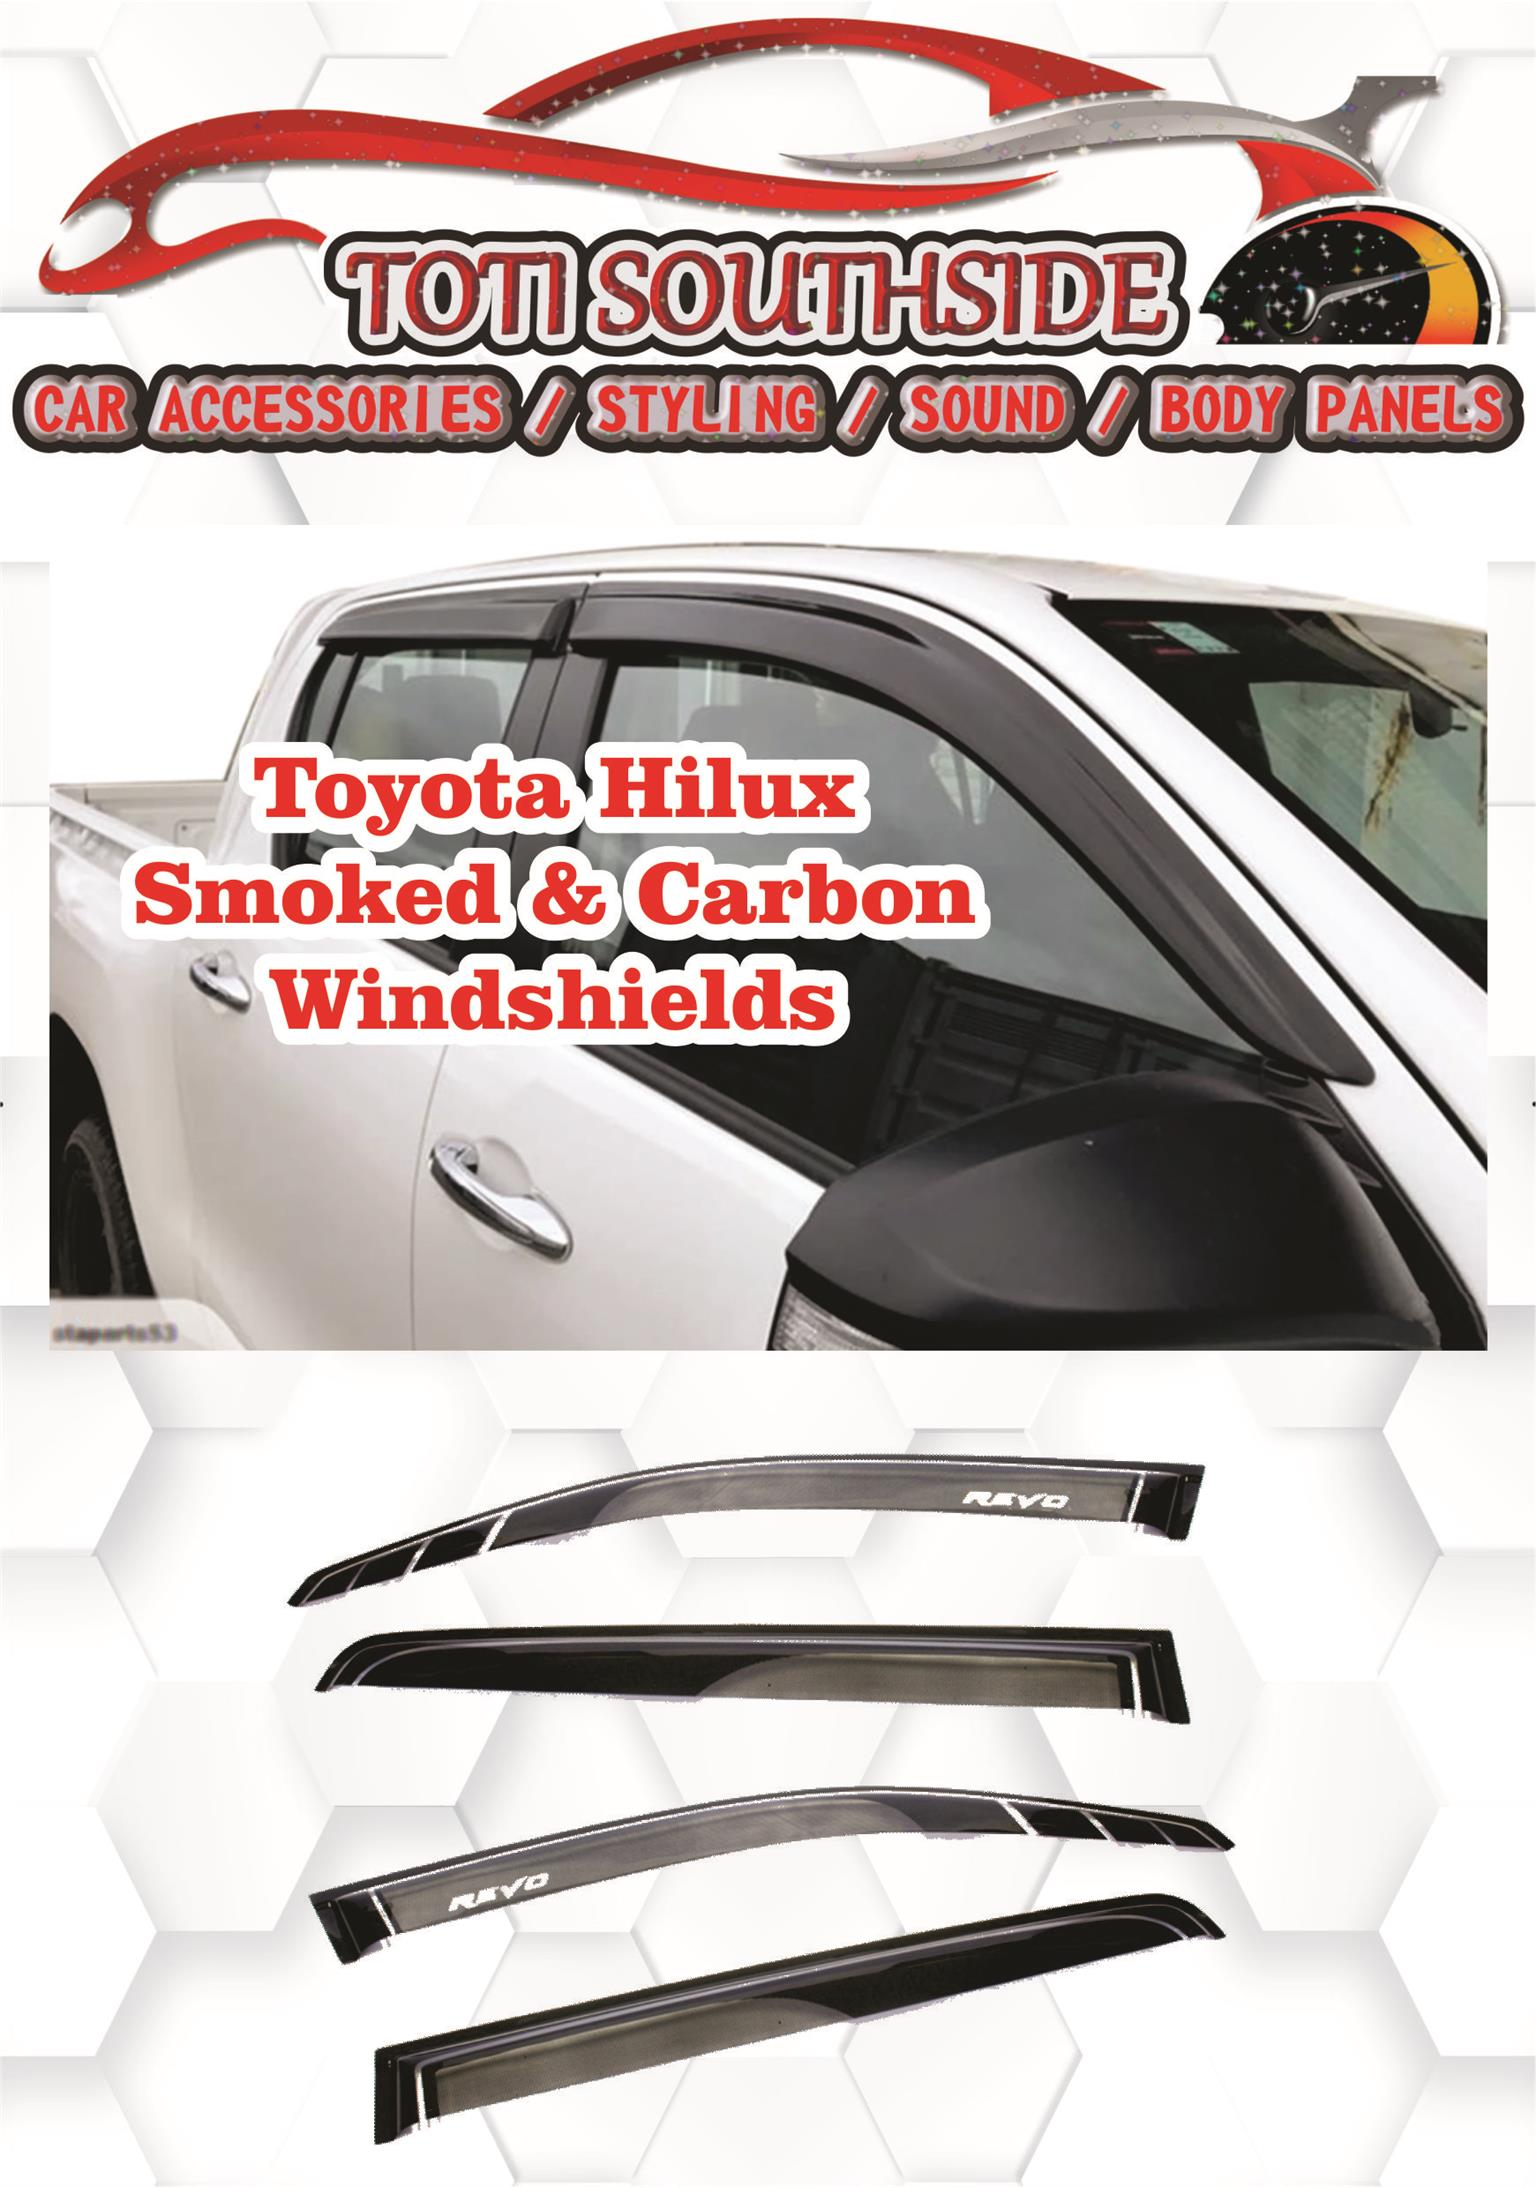 Toyota Hilux Bonnet Guards & Windshields